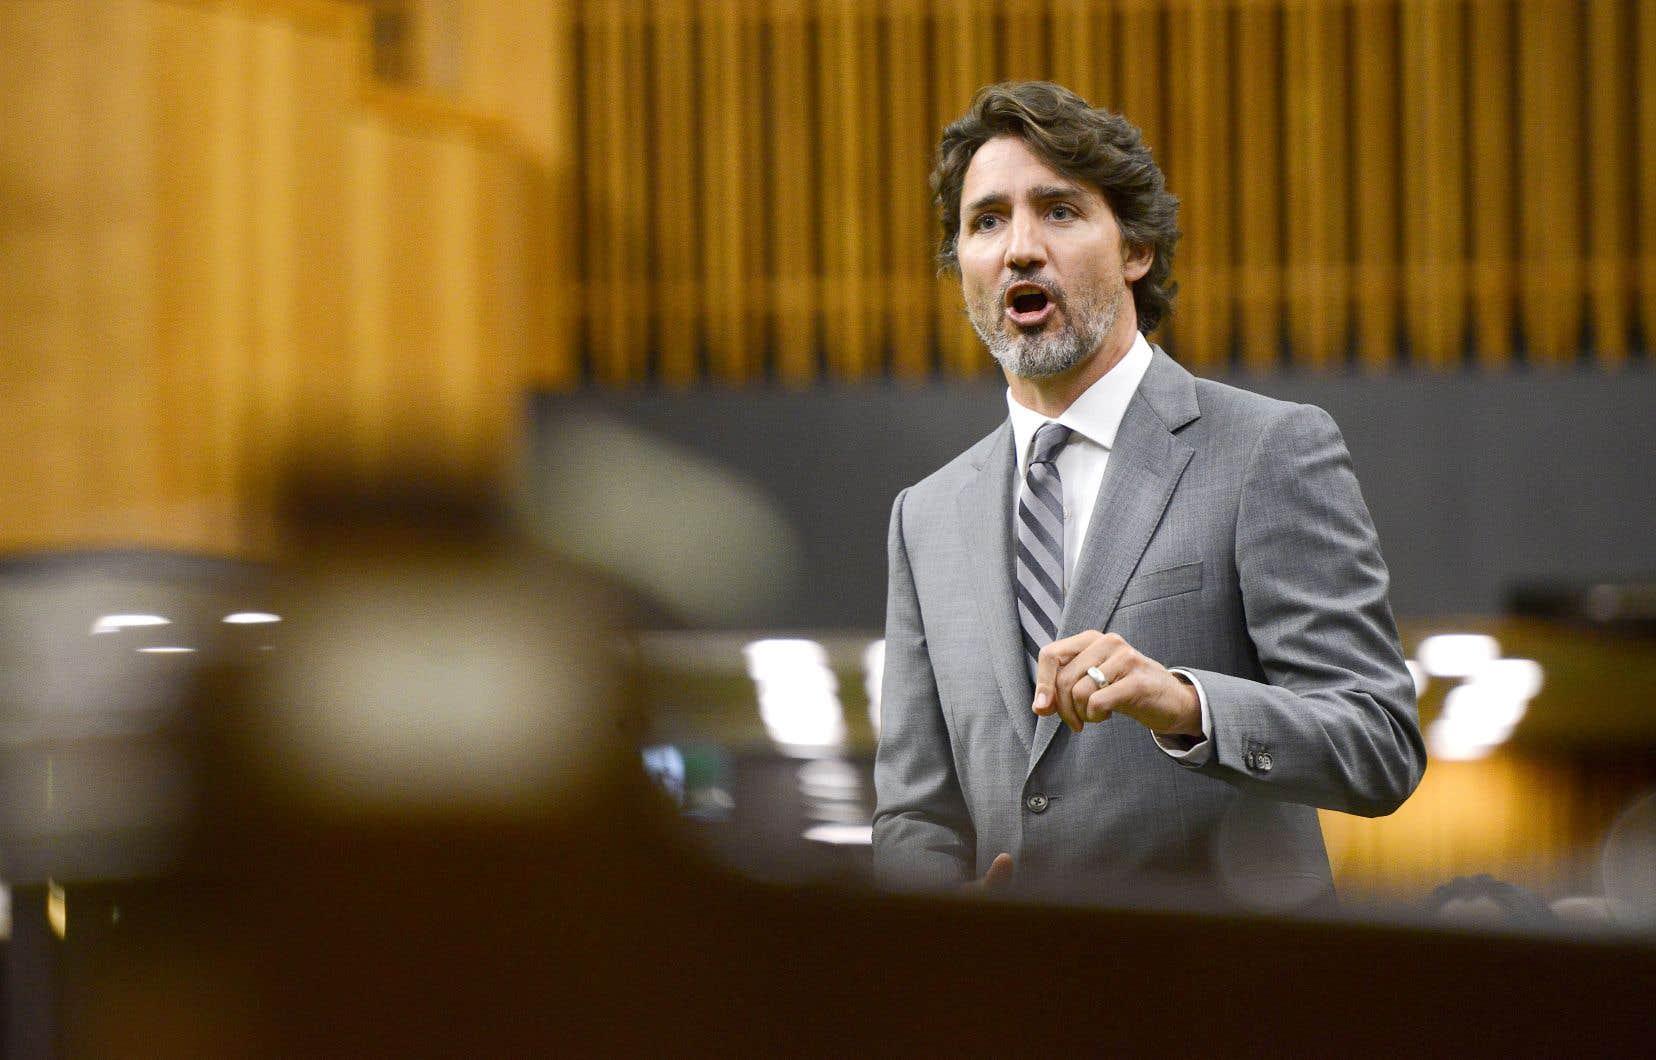 Le commissaire fédéral à l'éthique mène actuellement une enquête pour déterminer si Justin Trudeau et le ministre des Finances, Bill Morneau, ont violé les règles sur les conflits d'intérêts.